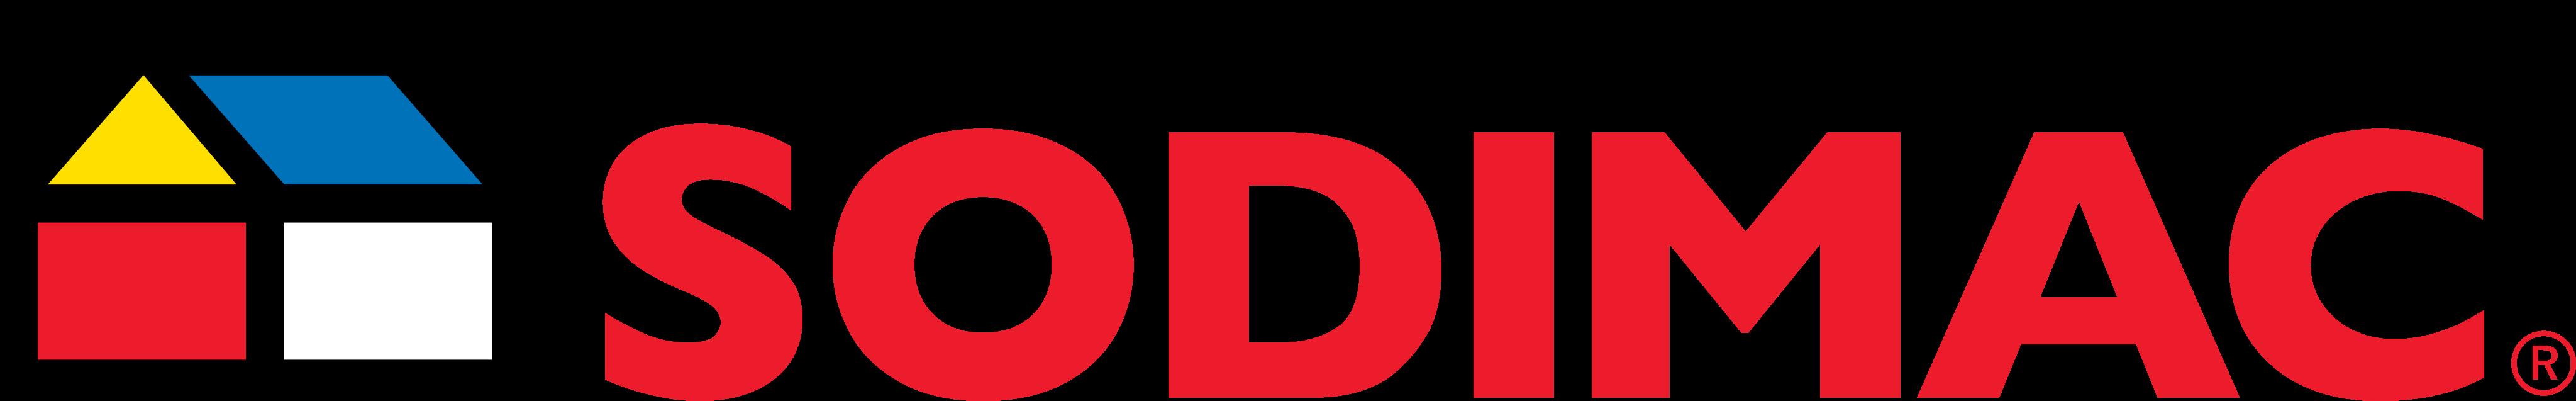 sodimac-logo